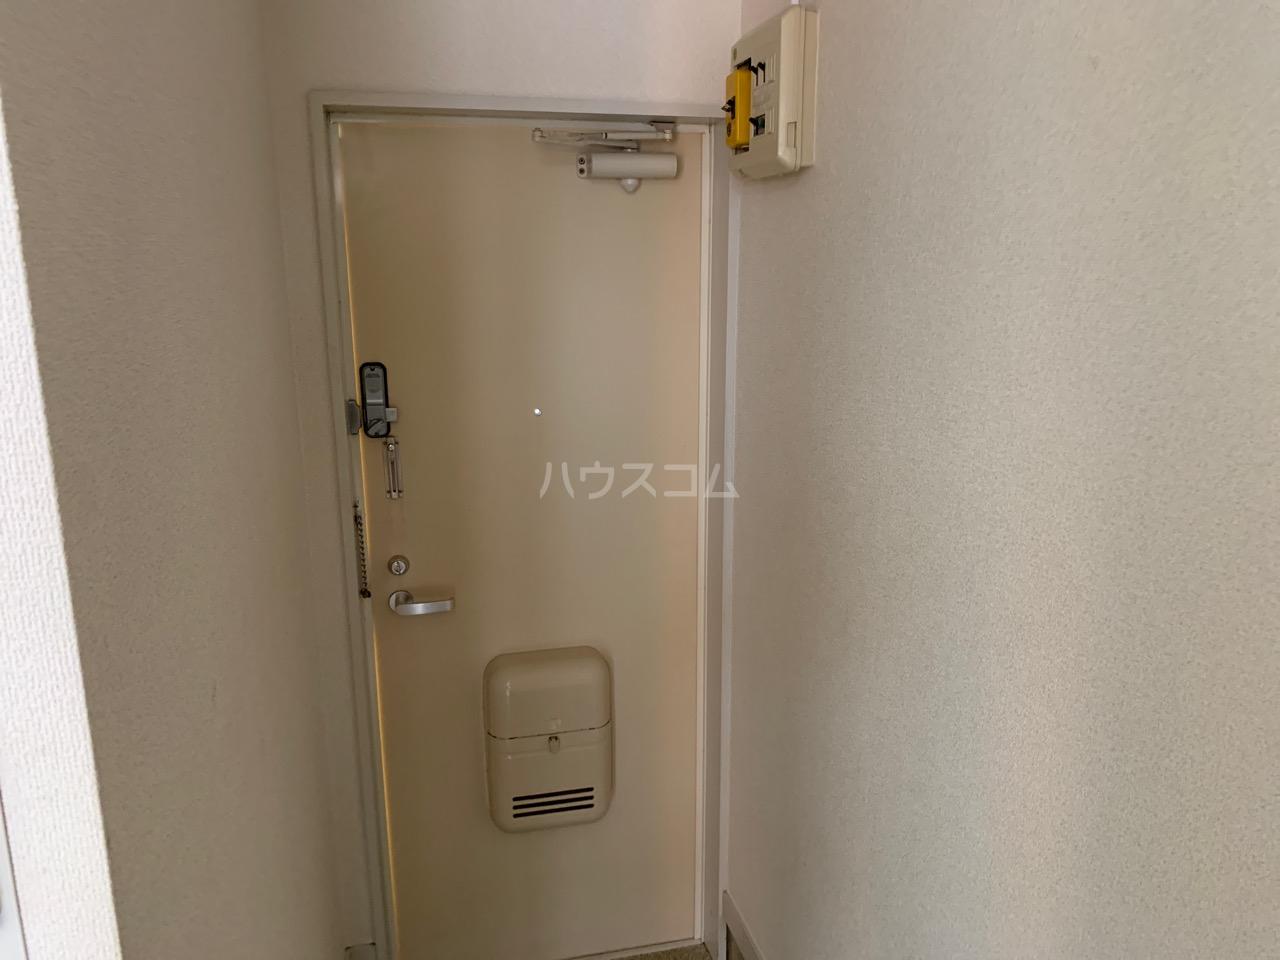 DSハウス 202号室の玄関